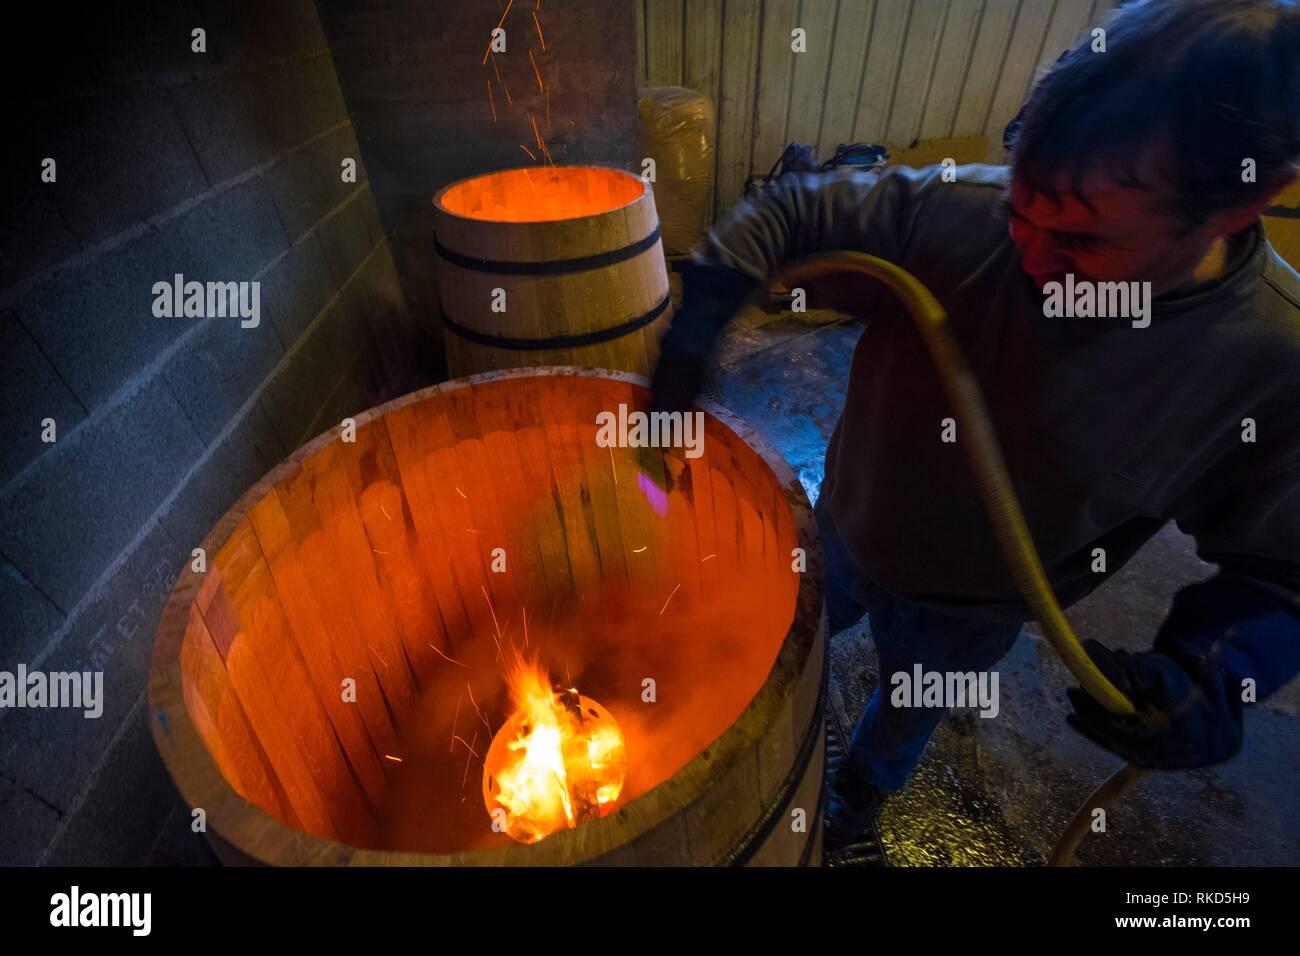 La France, l'Occitanie, Gers, au ''Tonnellerie de L'Adour'' à Plaisance du Gers. Préparation des fûts pour le vieillissement de l'Armagac. Photo Stock